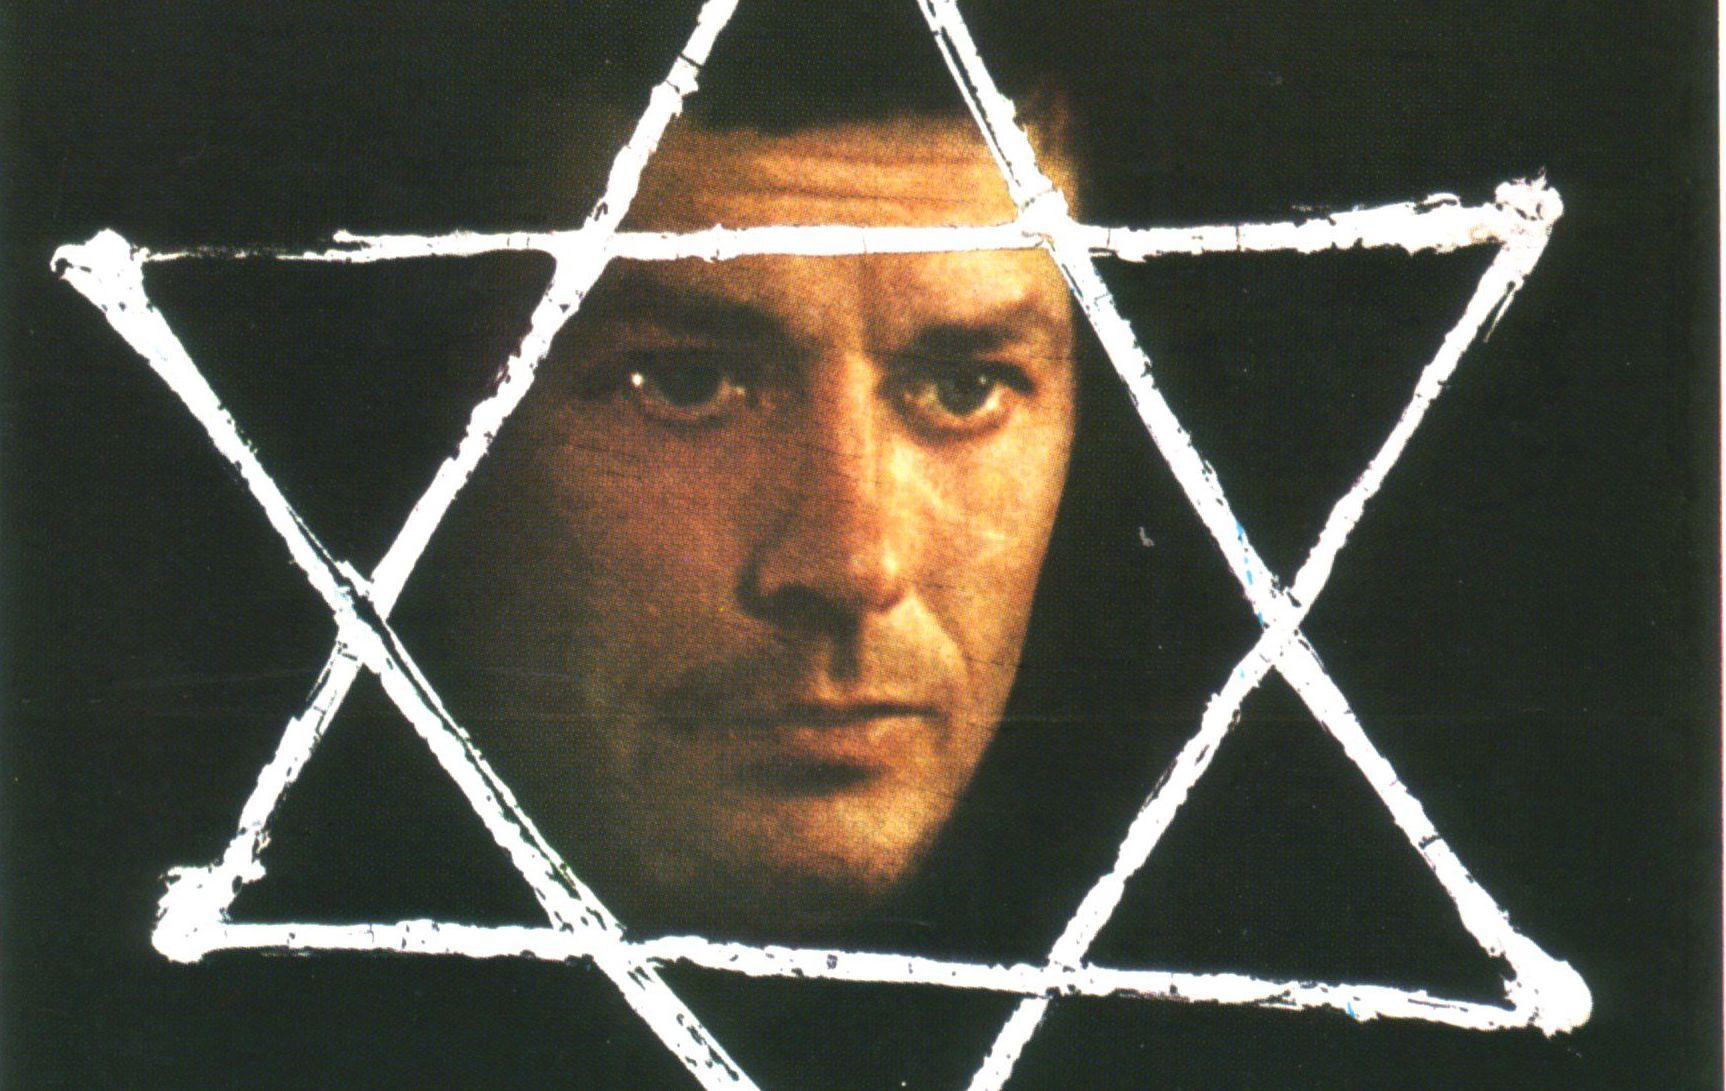 """Détail de l'affiche du film """"Monsieur Klein"""" de Joseph Losey avec Alain Delon."""